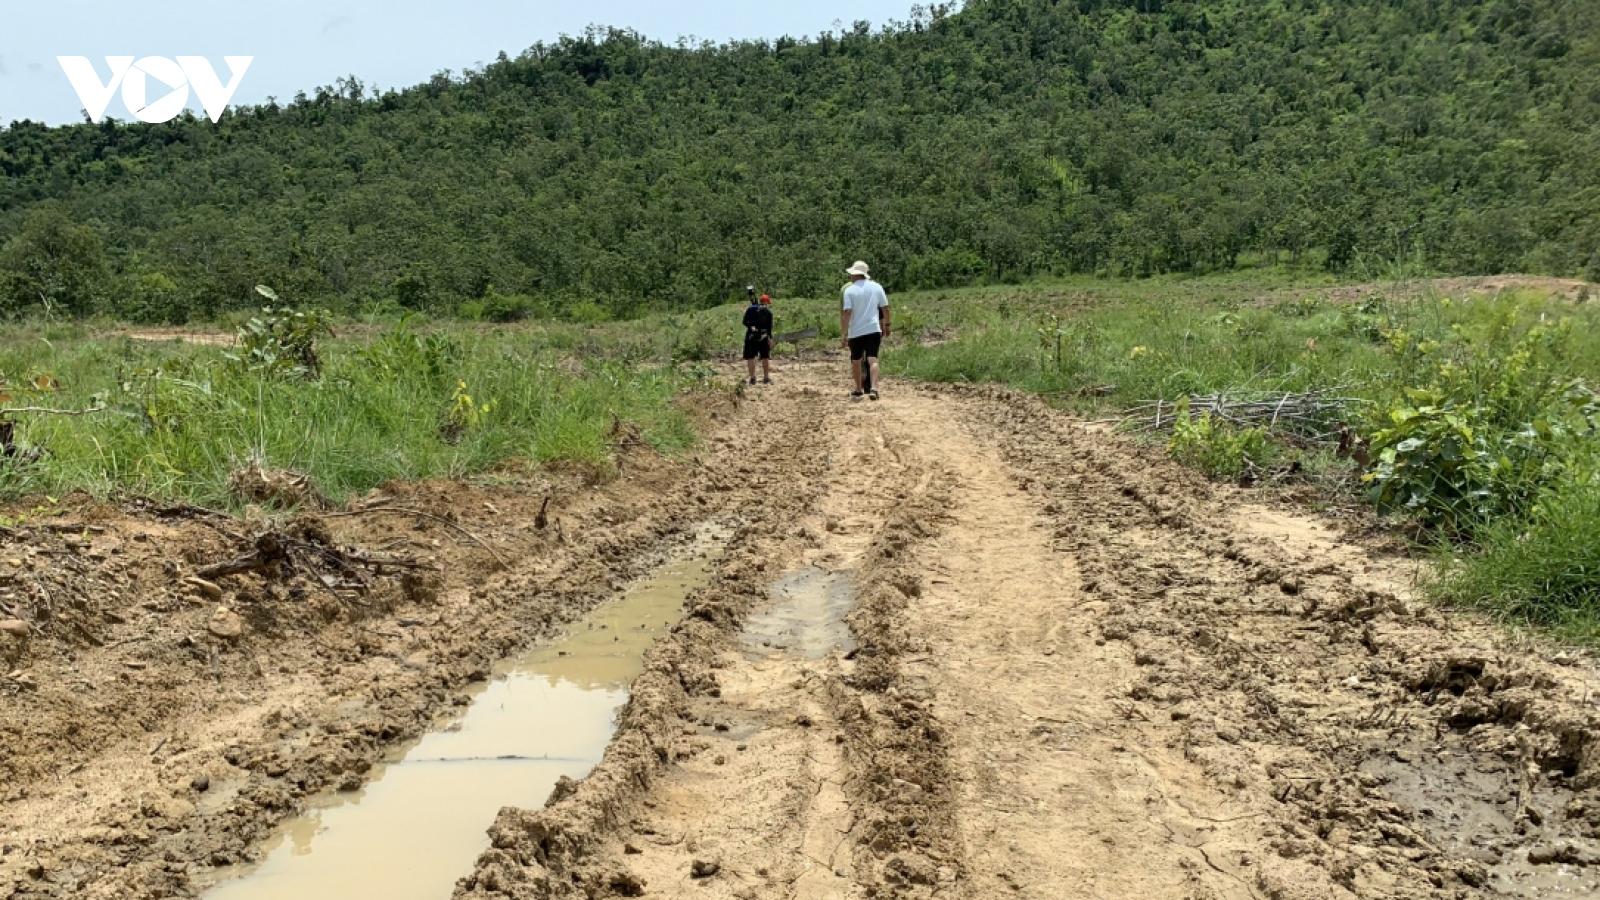 """Vụ phá 34,6 ha rừng phòng hộ: Kỷ luật nhiều cán bộ, khởi tố vụ án """"huỷ hoại rừng"""""""